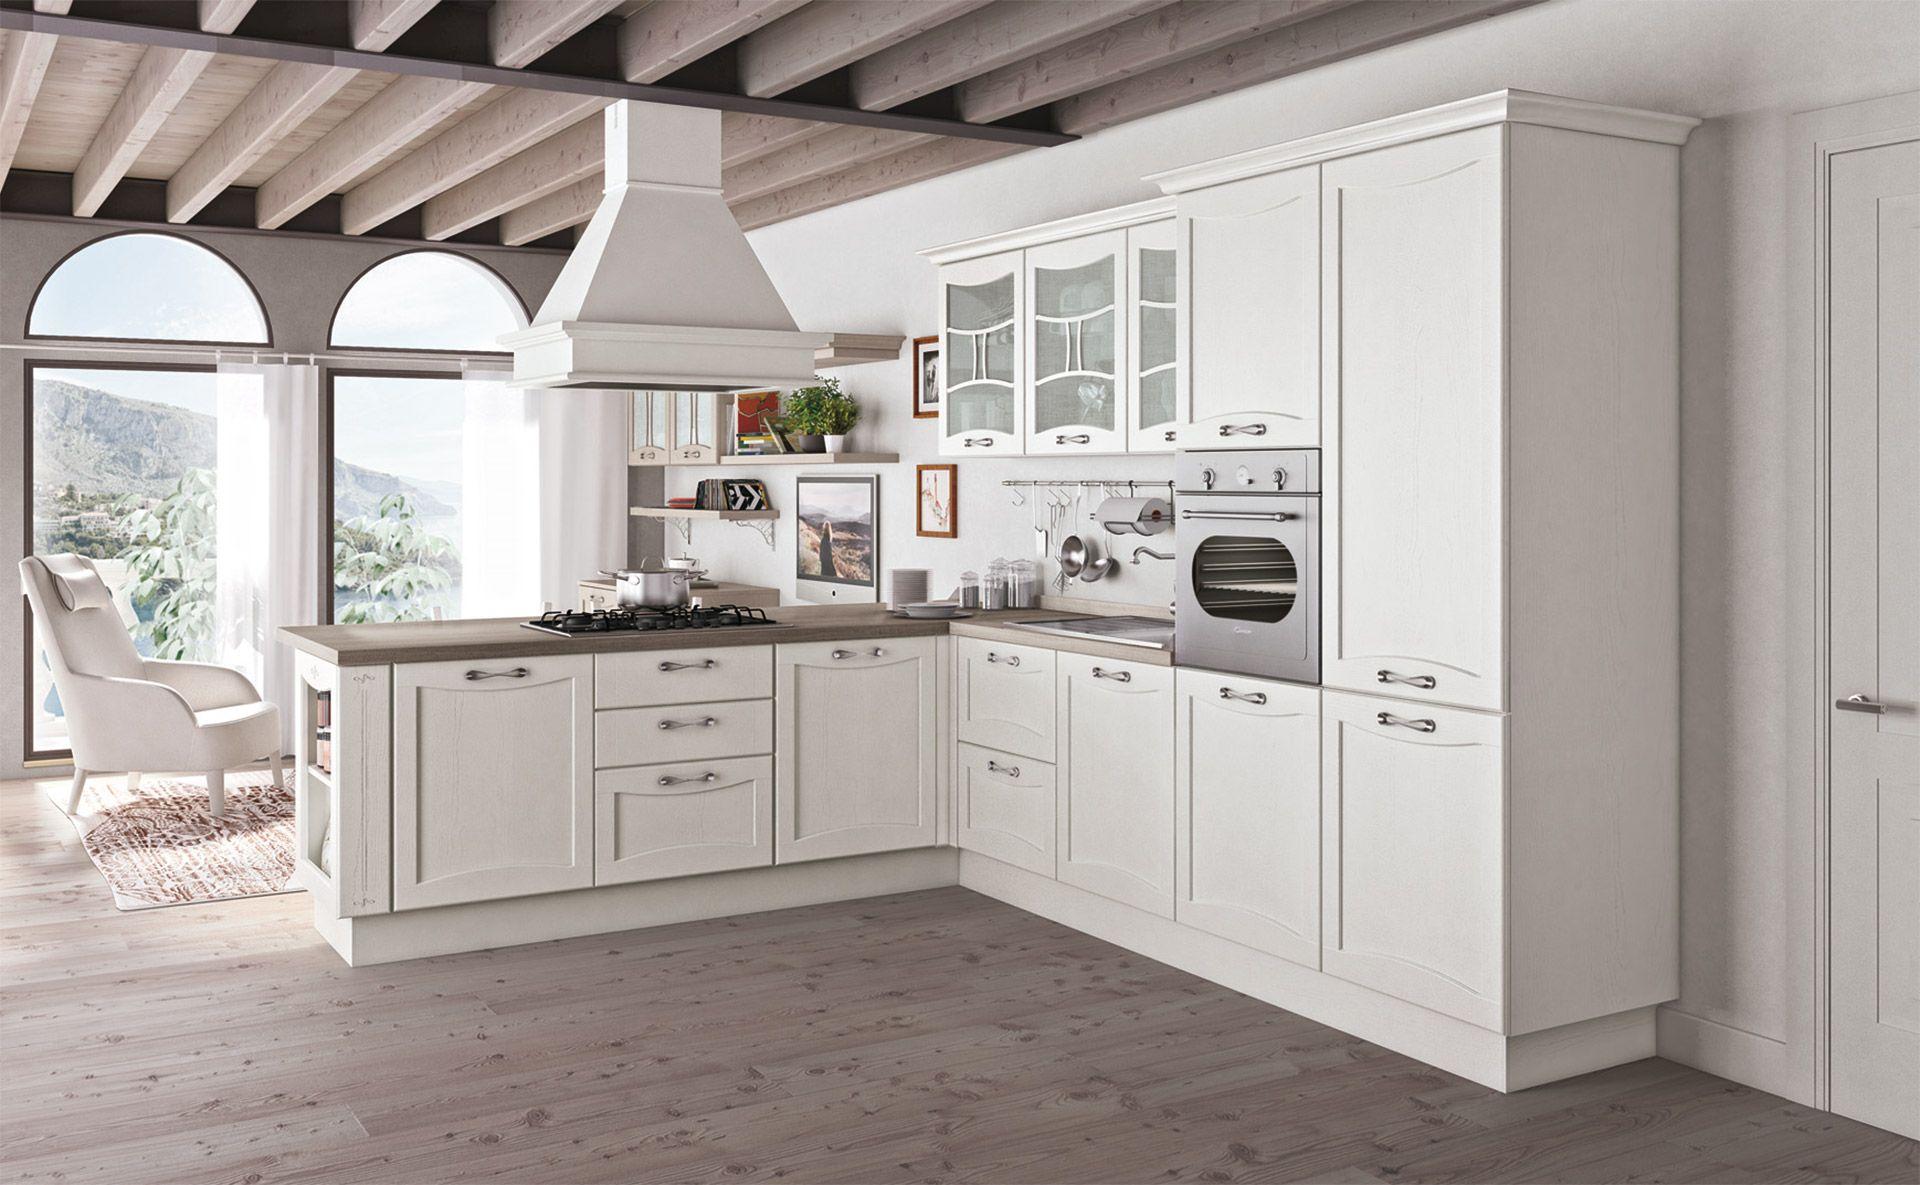 Cucina Aurea Cucine Classiche Creo Kitchens (con